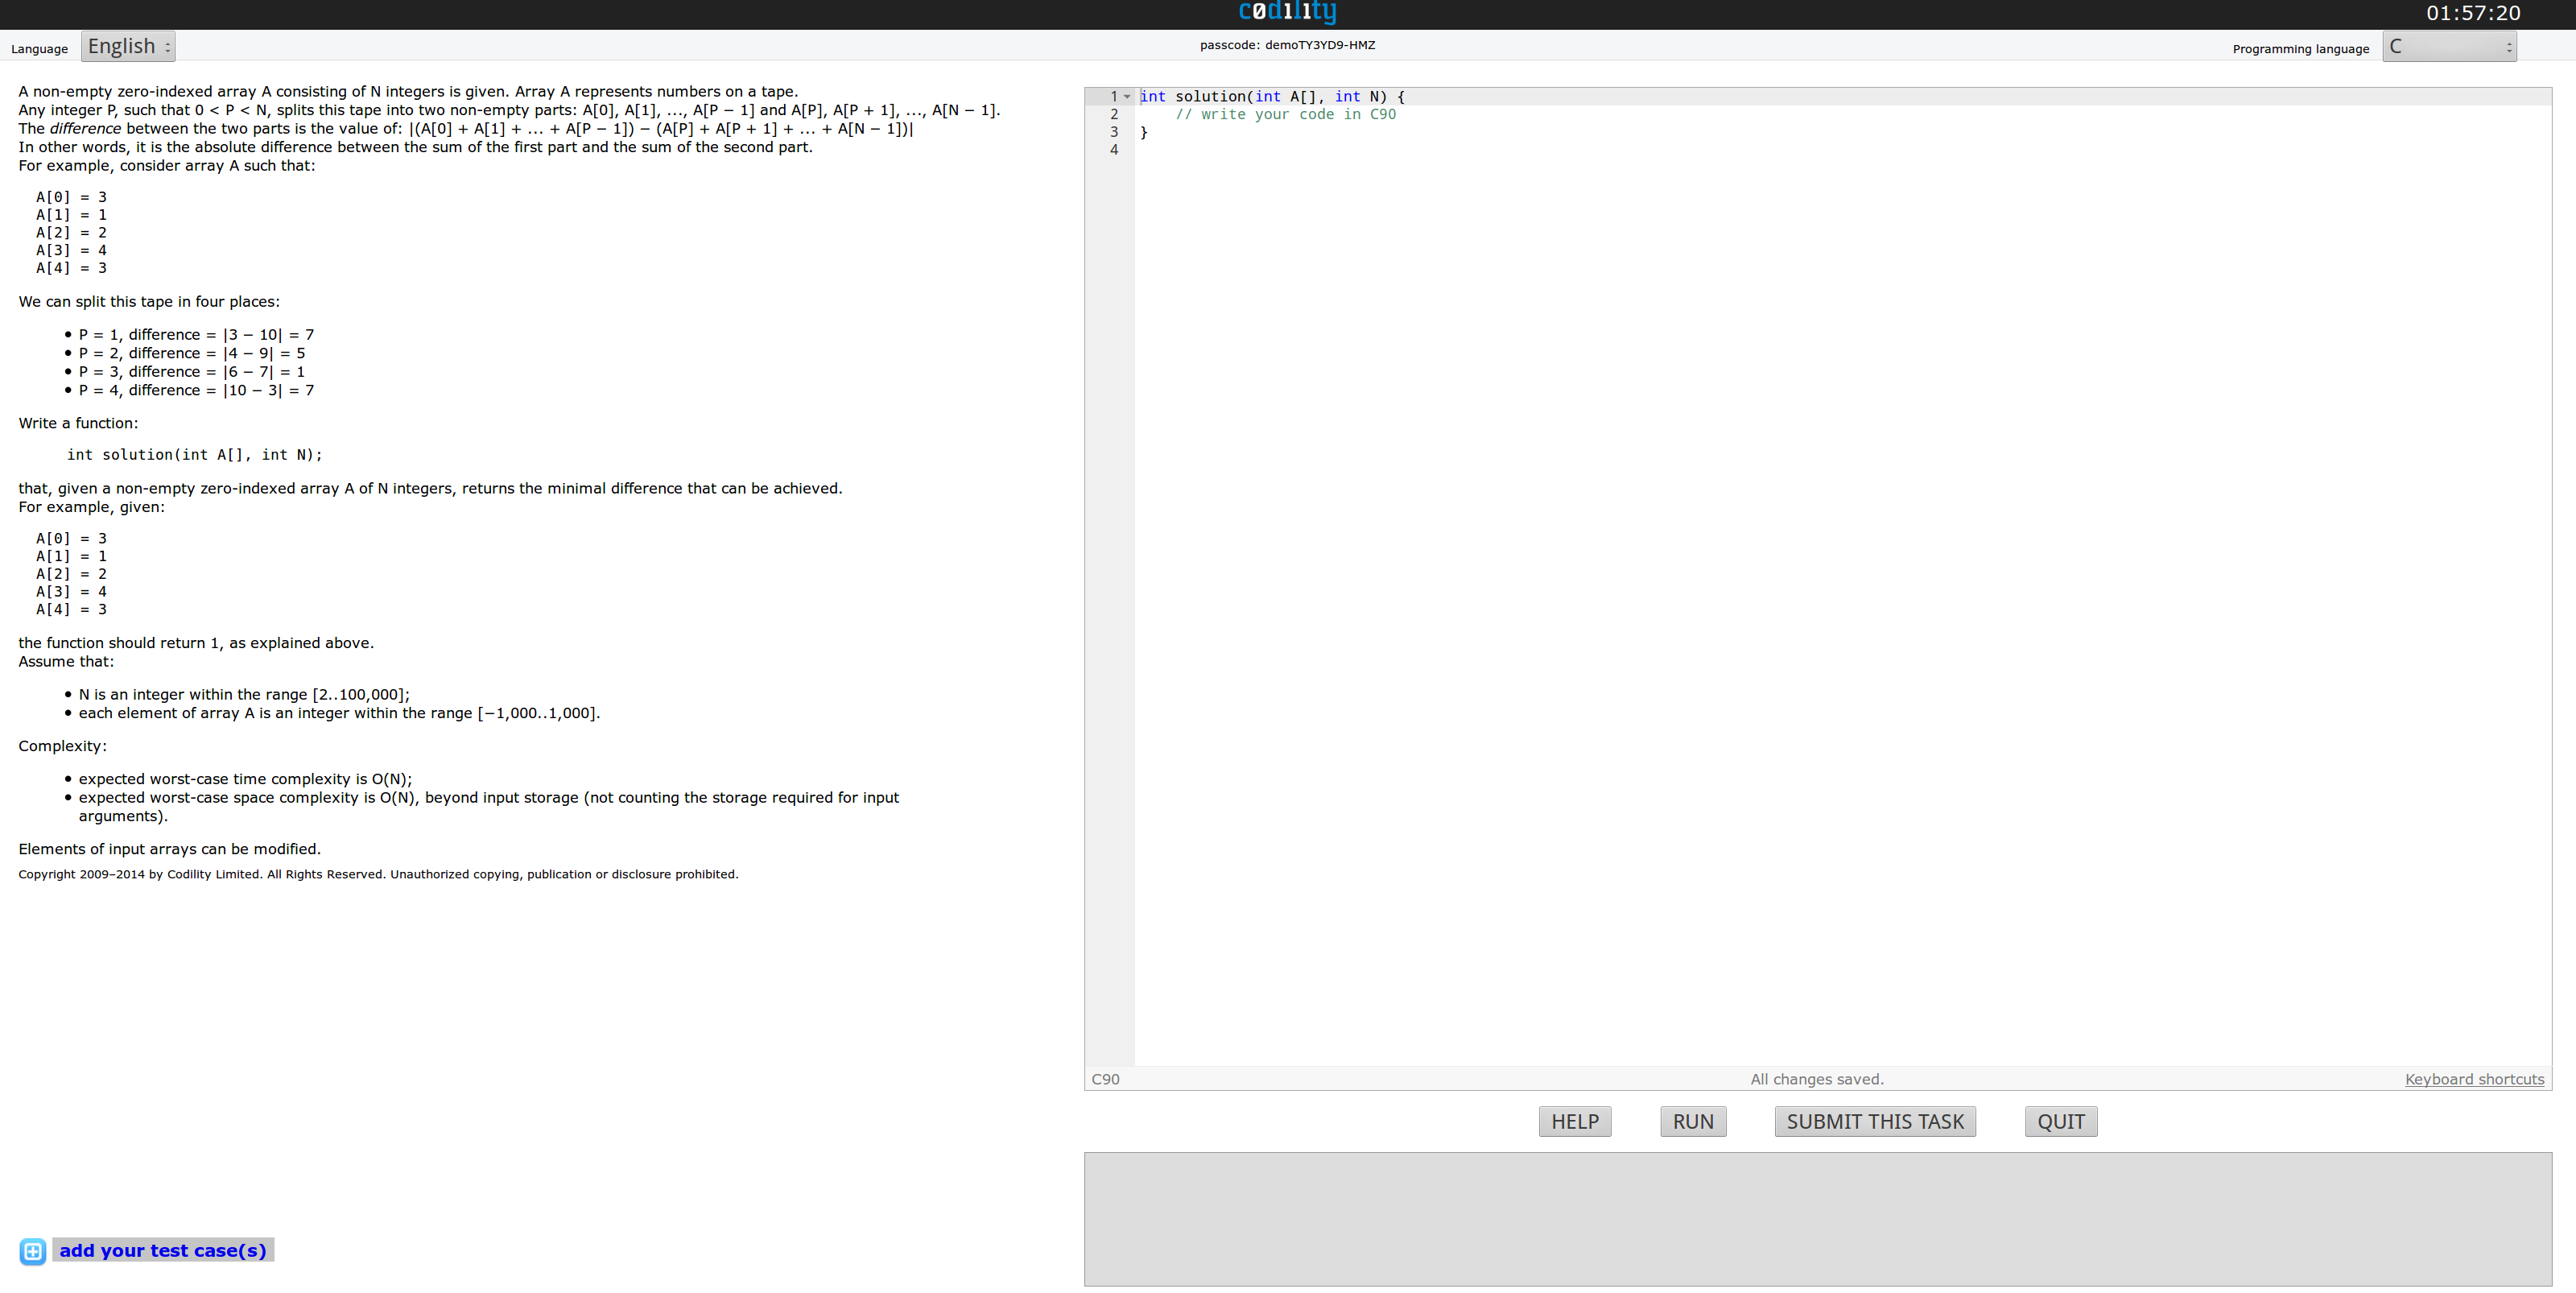 codility-screenshot